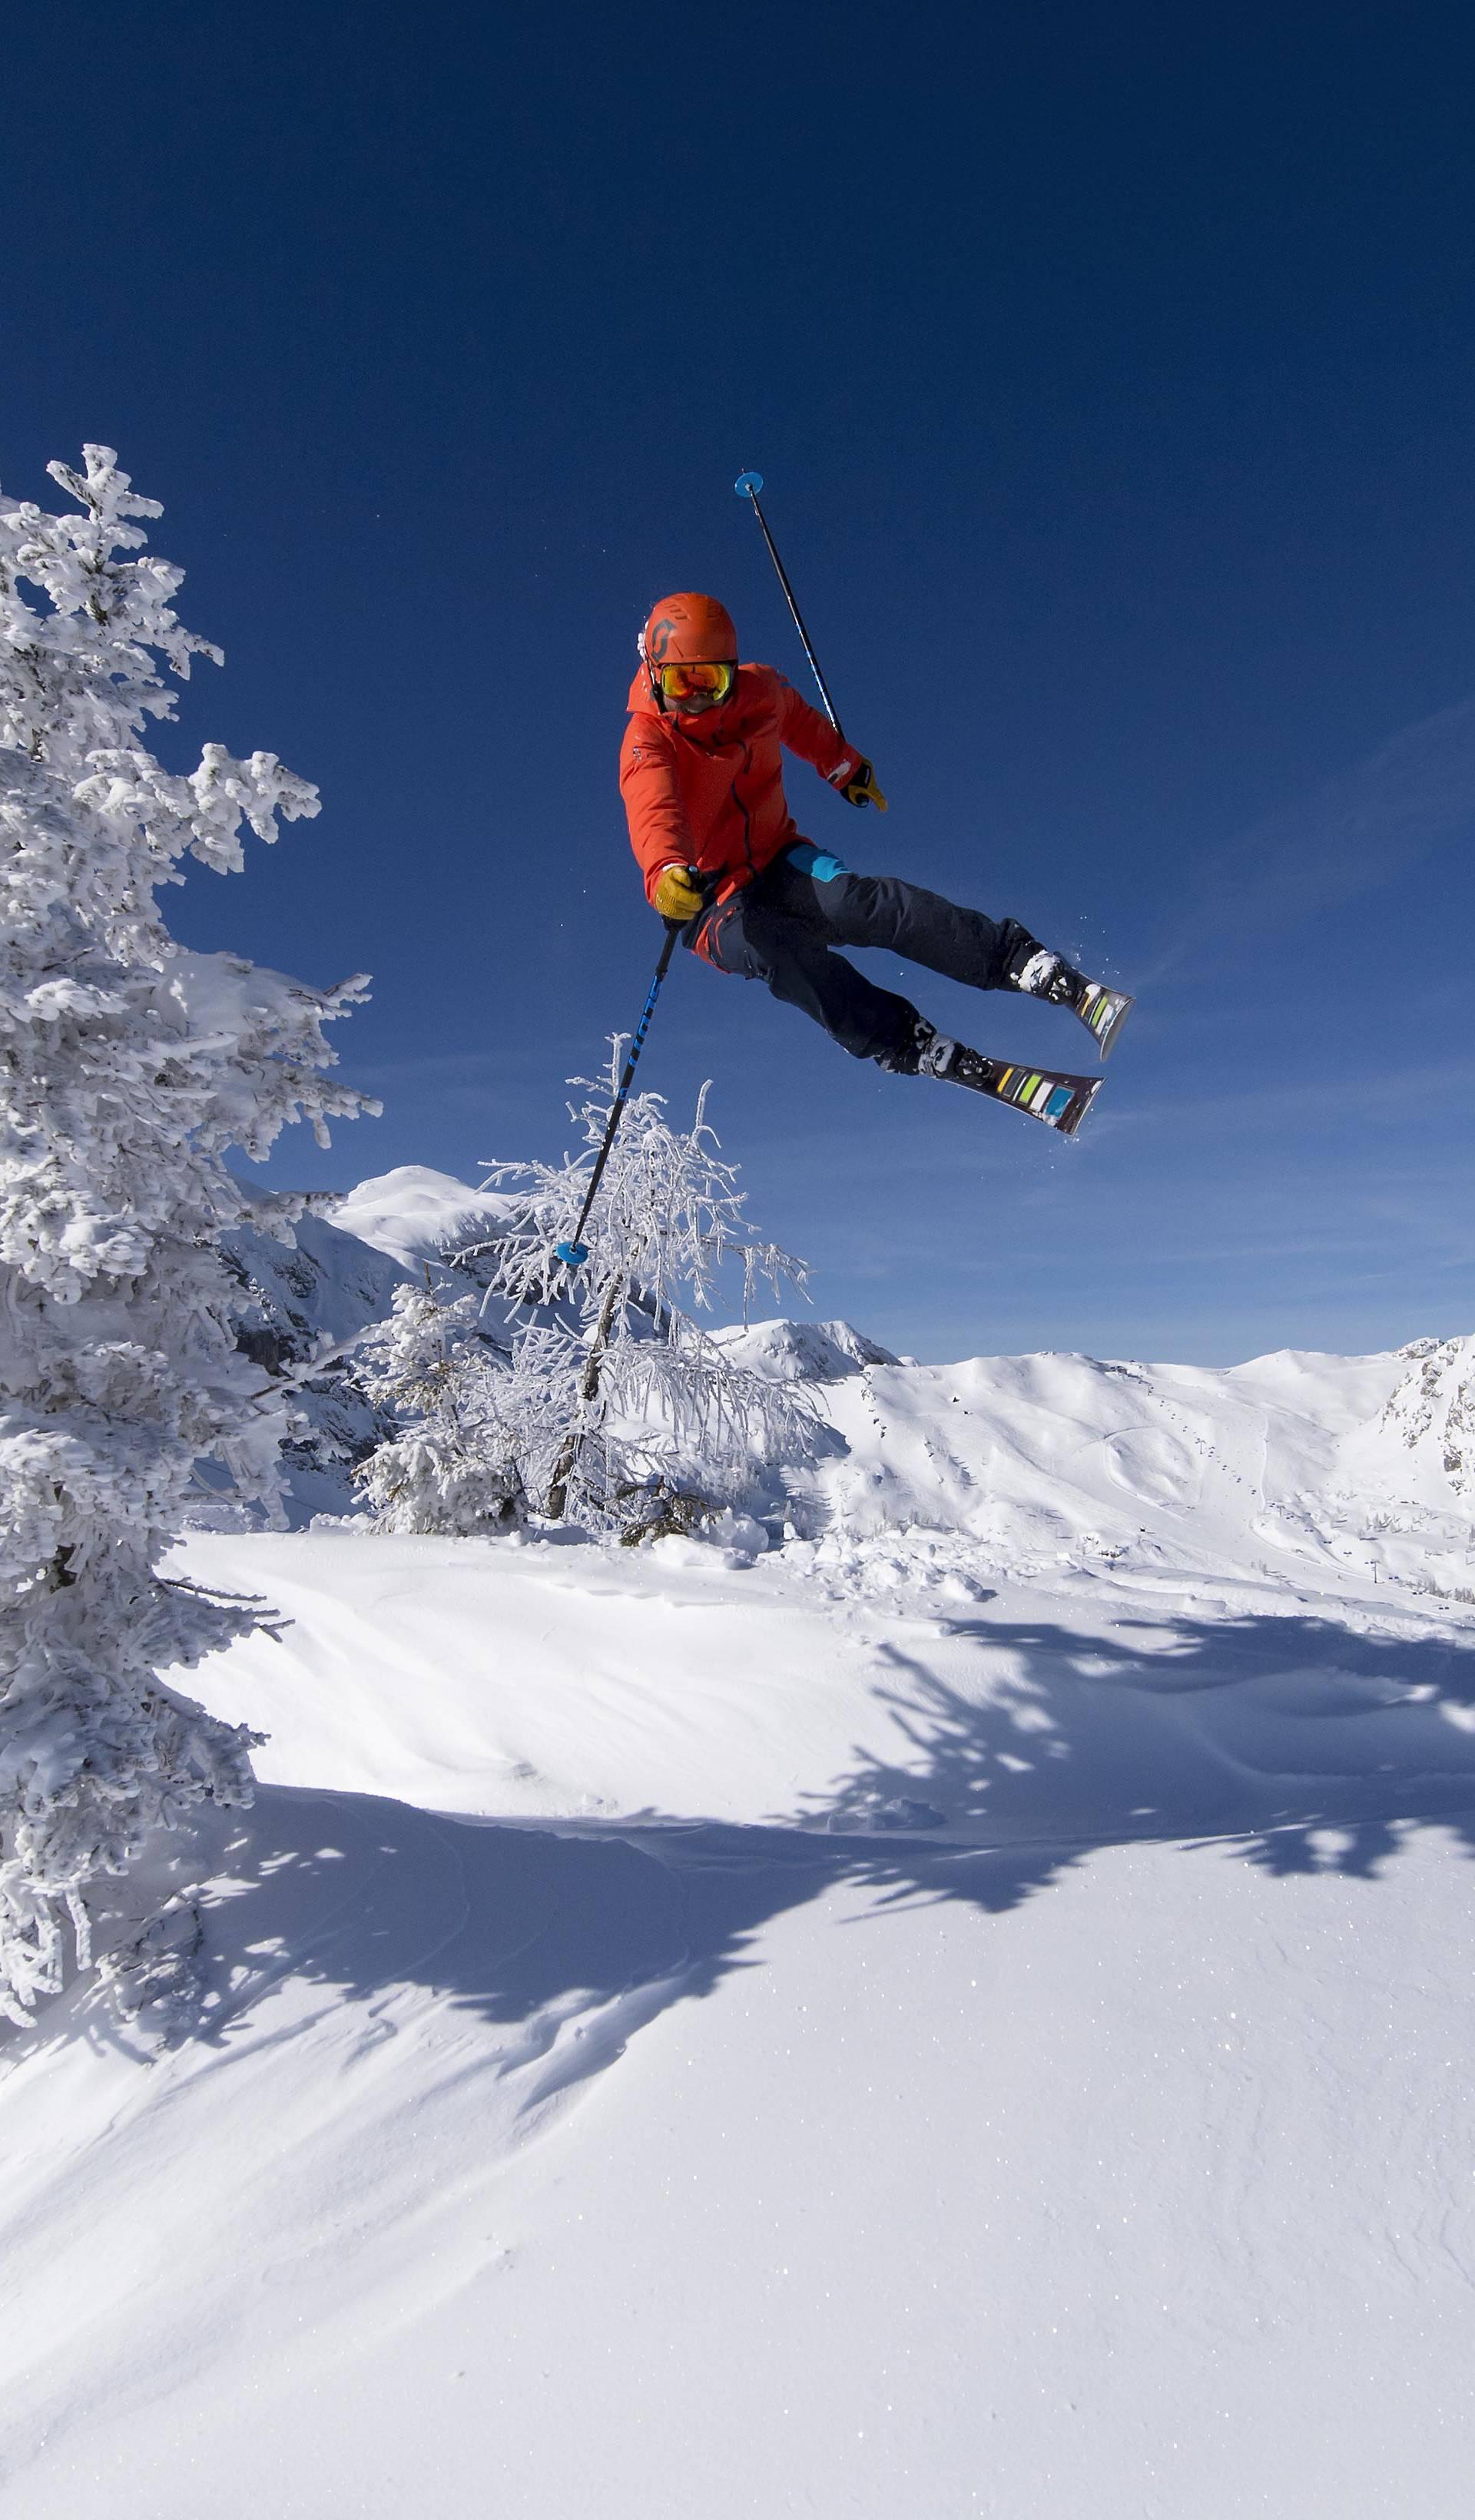 Nassfeld u Koruškoj - sunčano, snježno, iznenađujuće